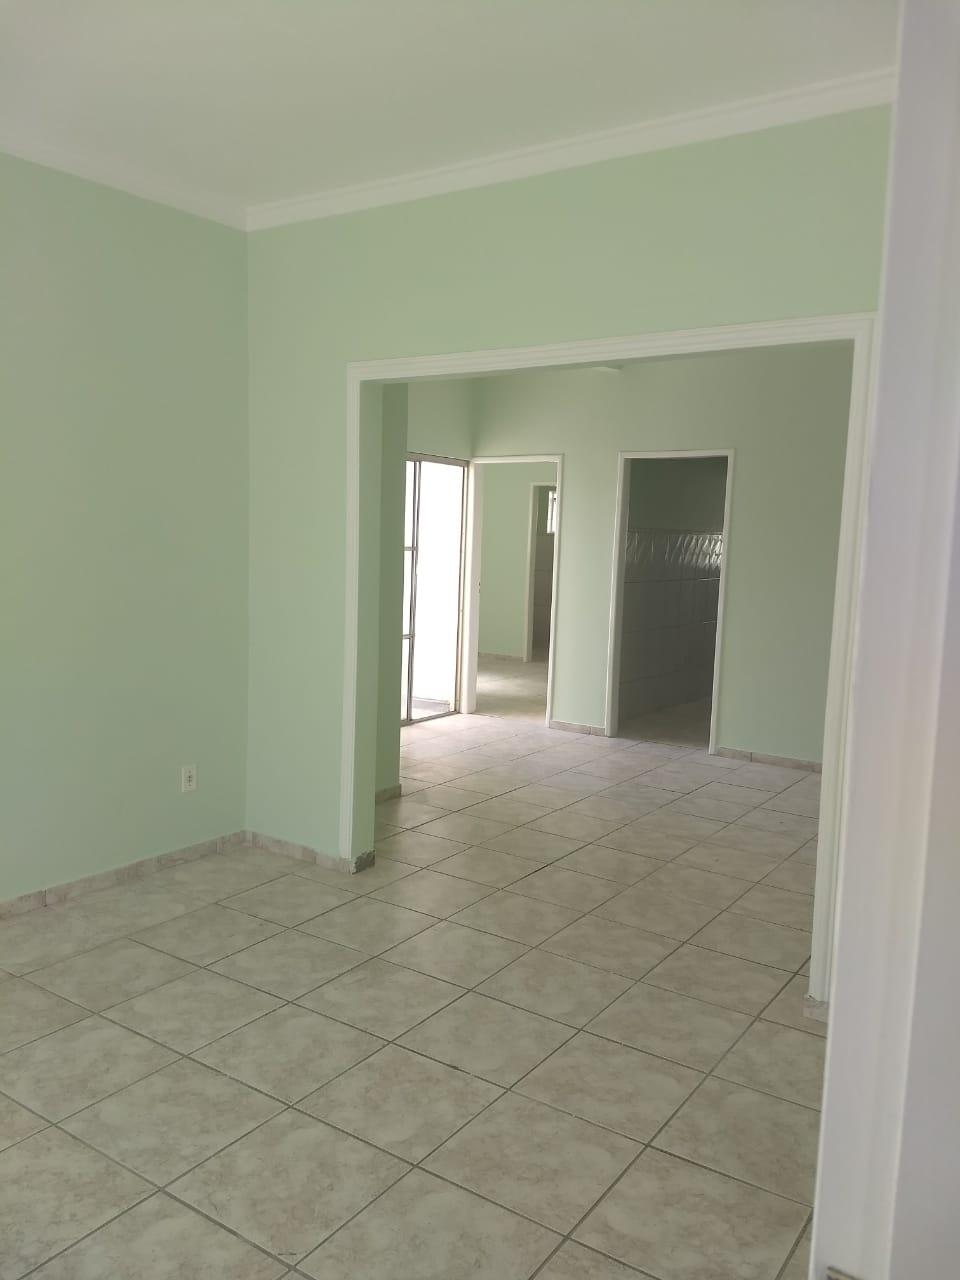 Sala para aluguel,  com 2 quartos sendo 2 suites no BOSQUE DA SAUDE em Cuiabá MT 101 11730